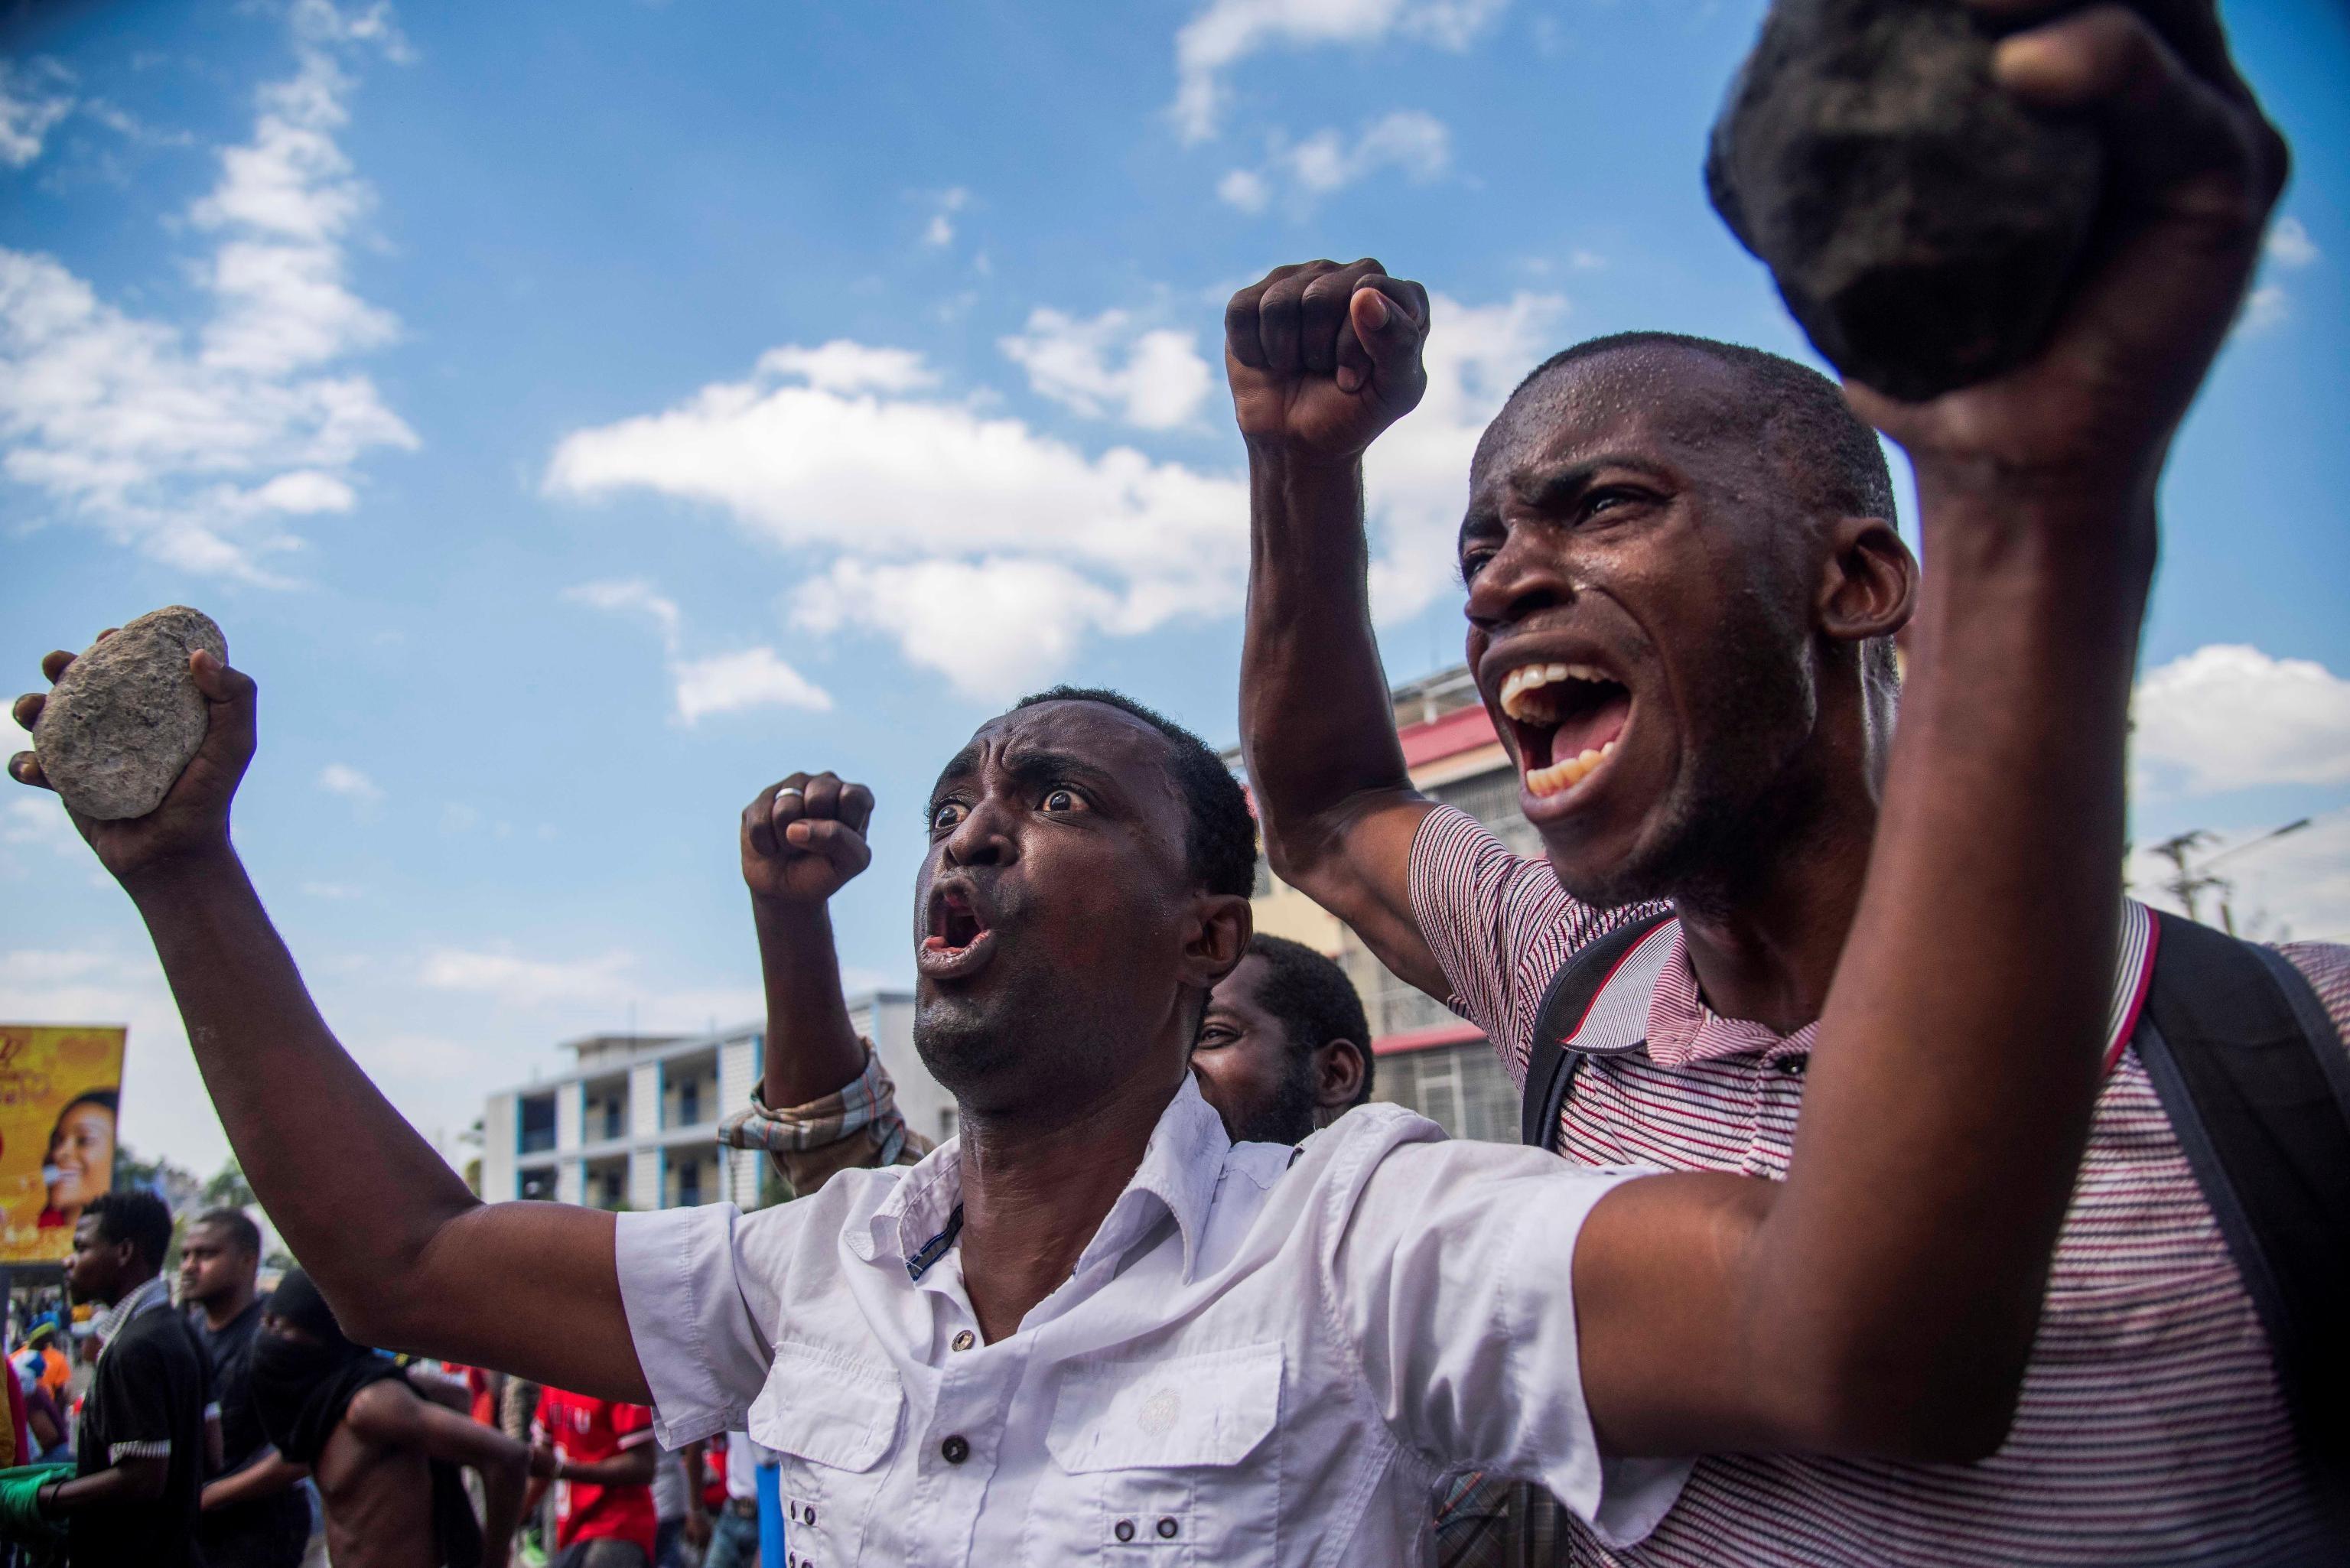 L'urlo di protesta si leva alto a due anni esatti dall'elezione di Jovenel Moise